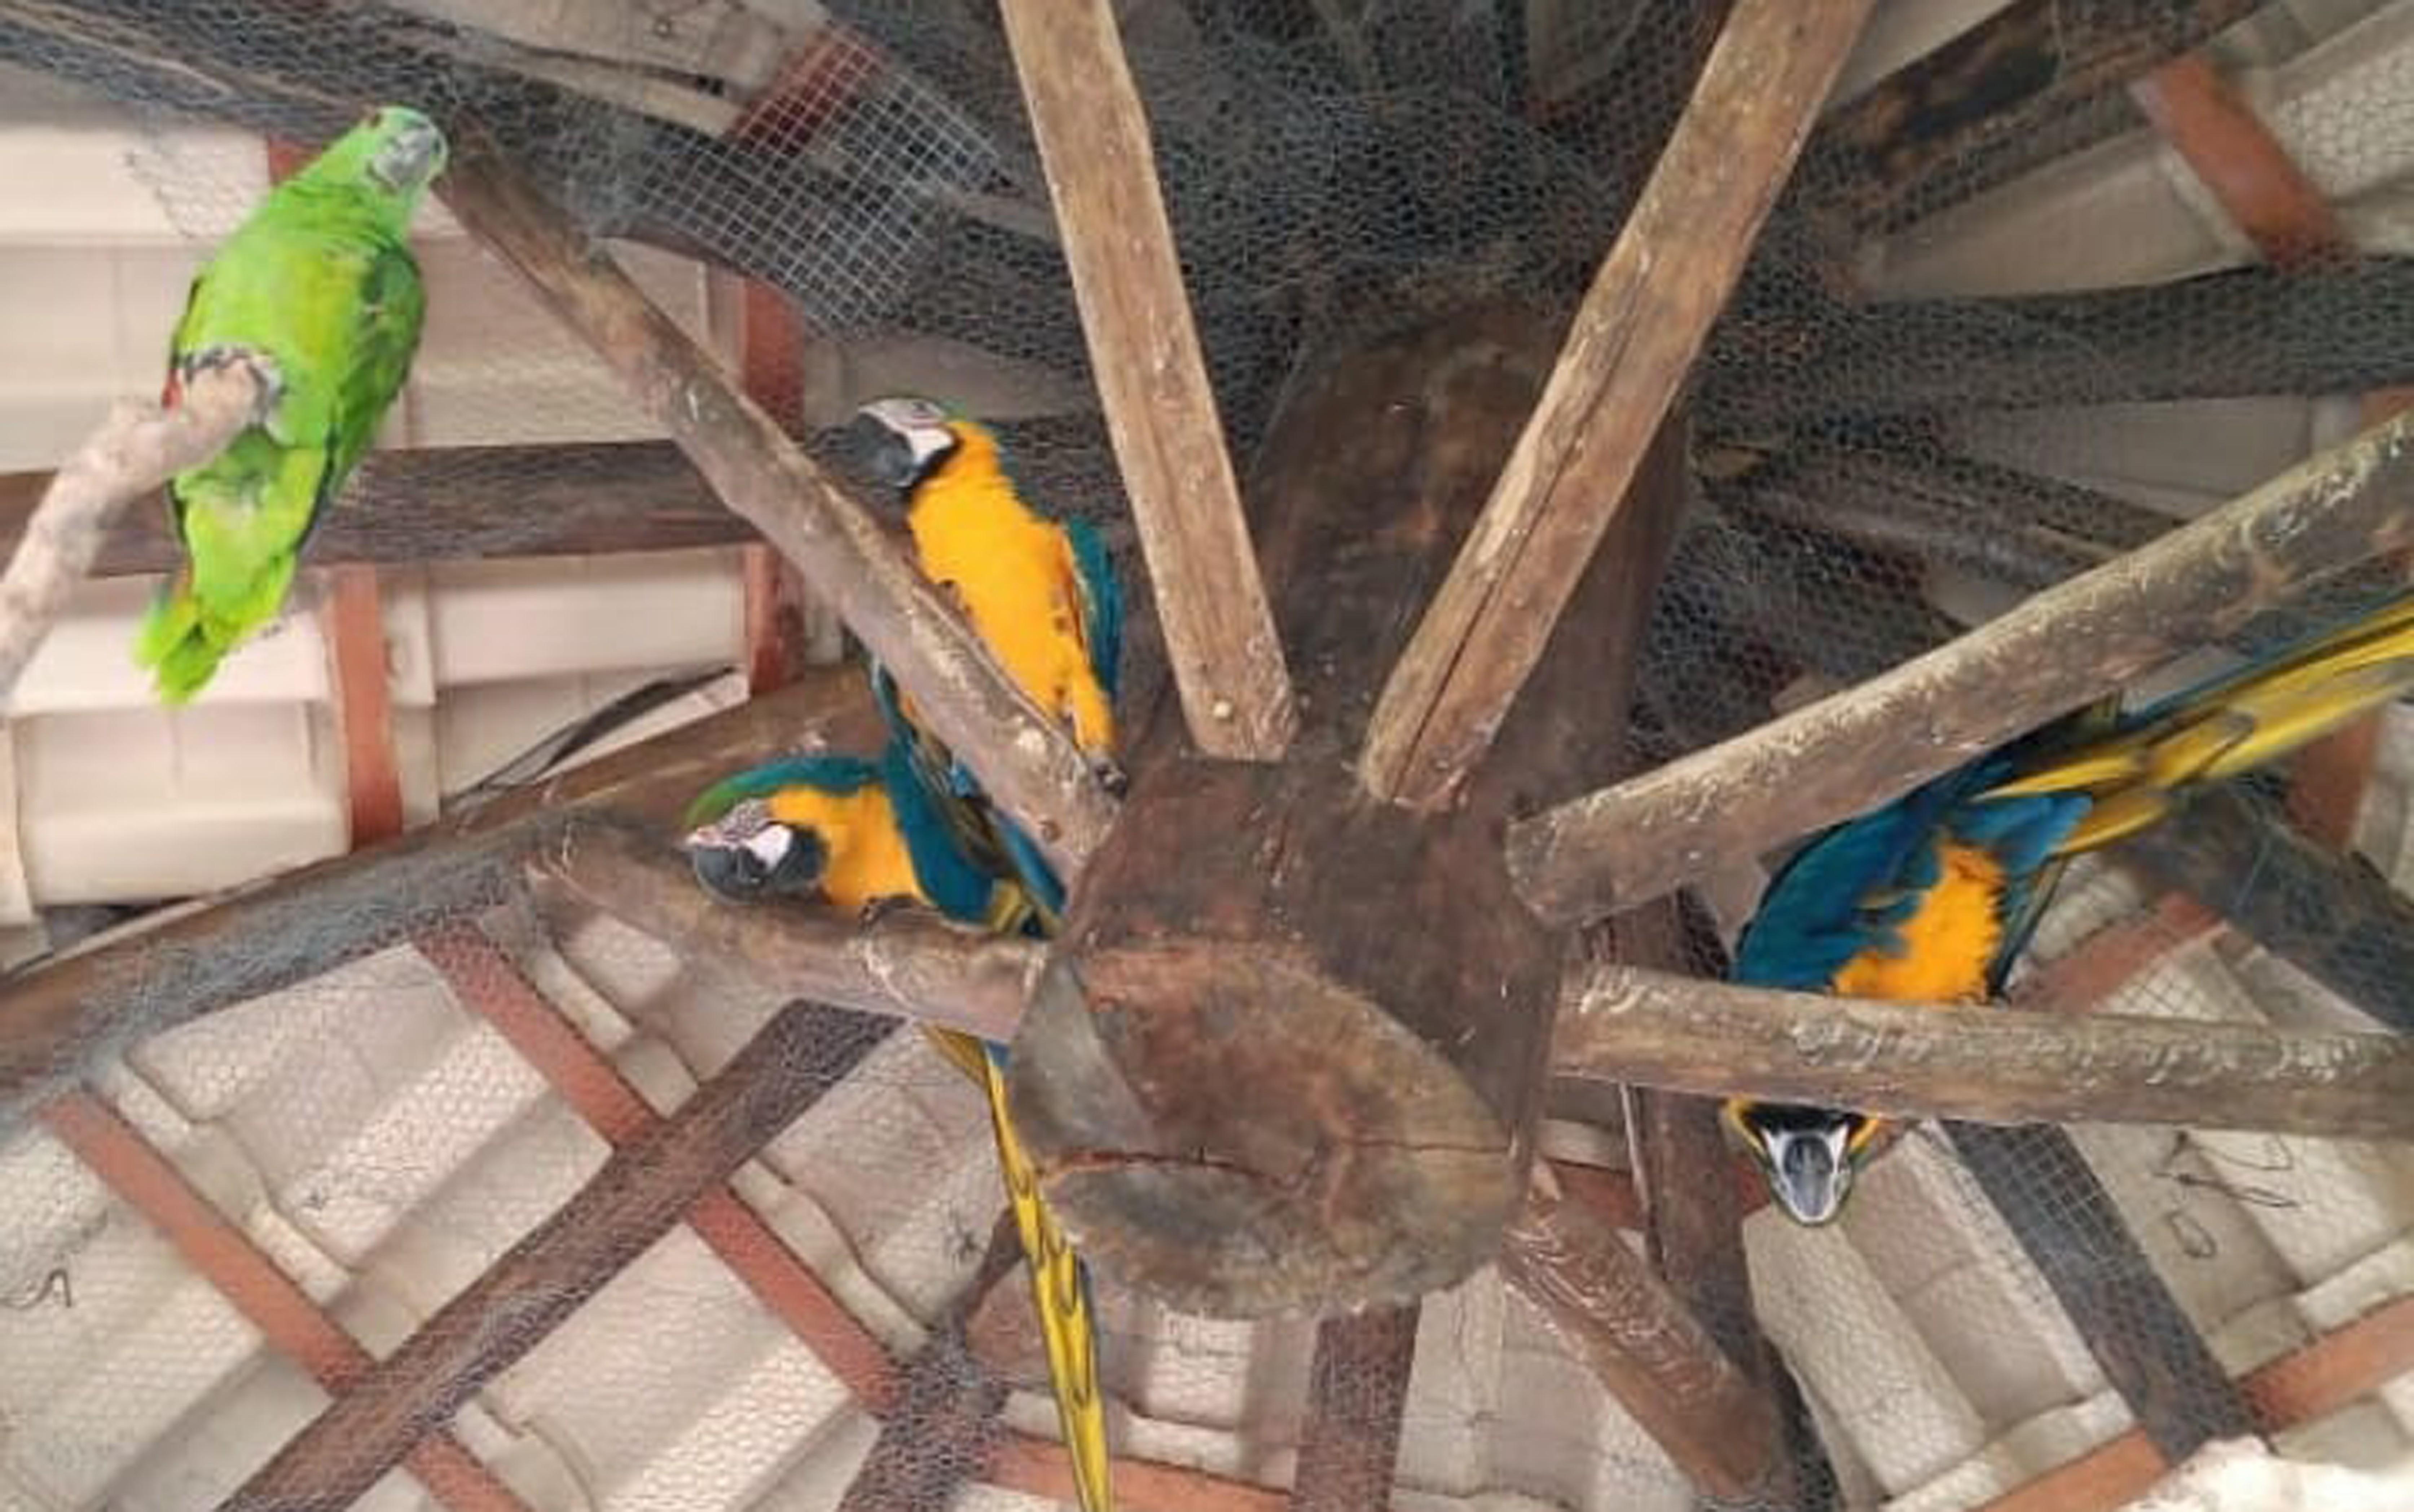 Araras ameaçadas de extinção são encontradas em cativeiro em Pedregulho, SP